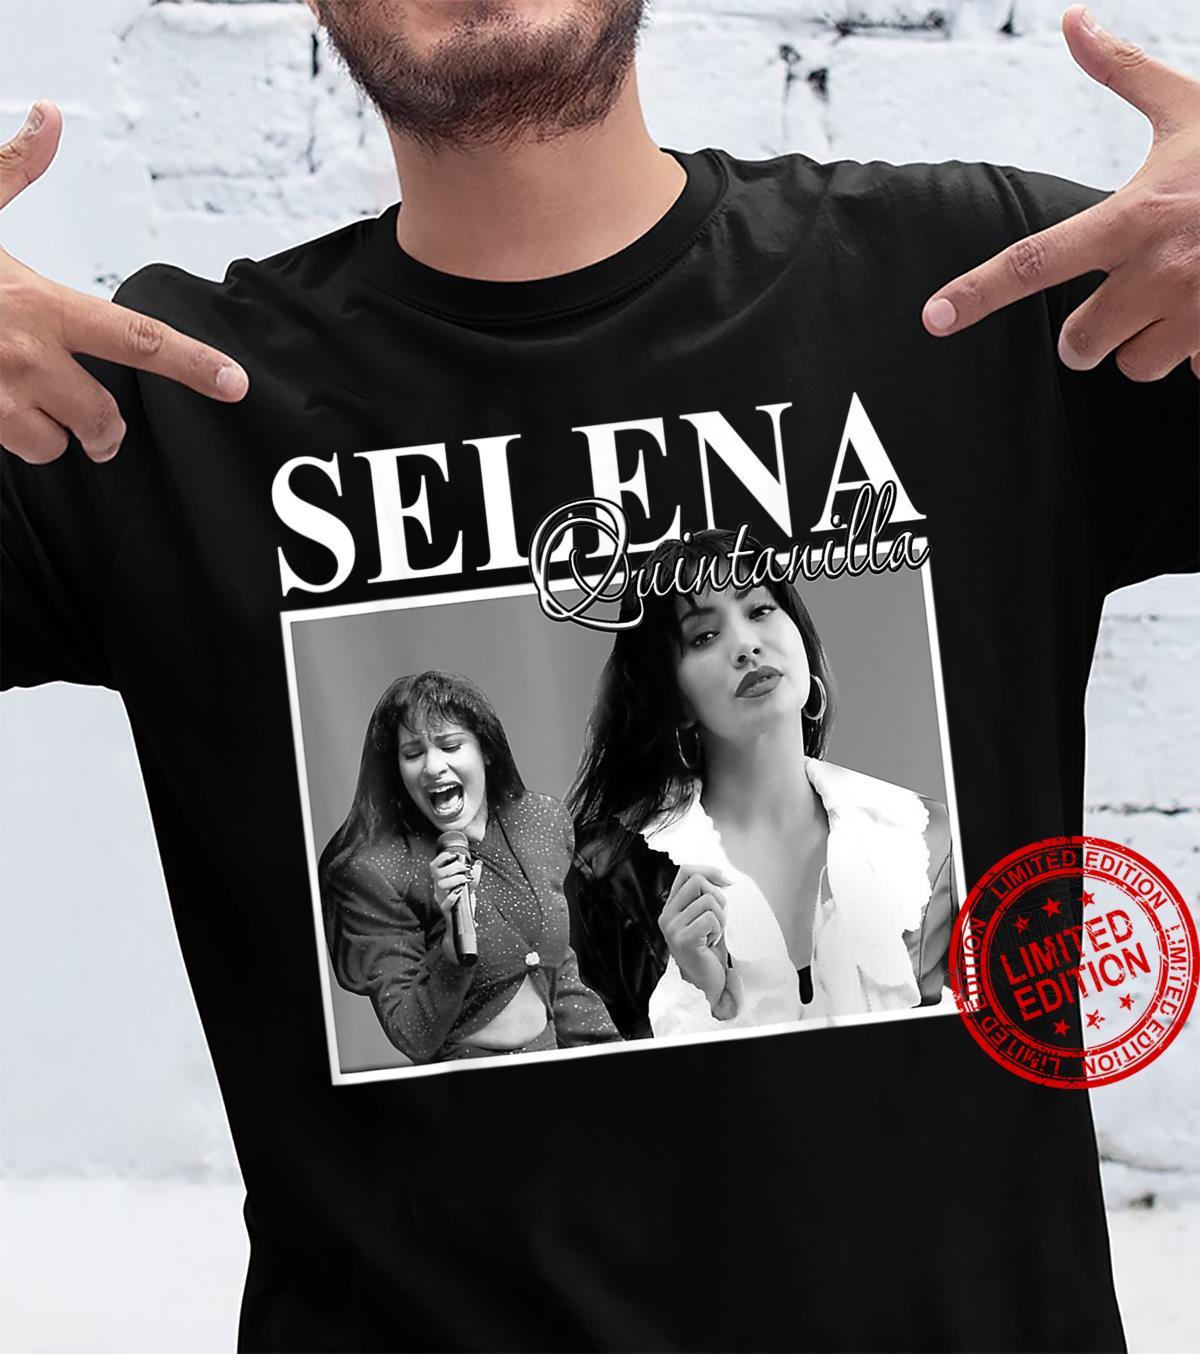 Best, Shirt